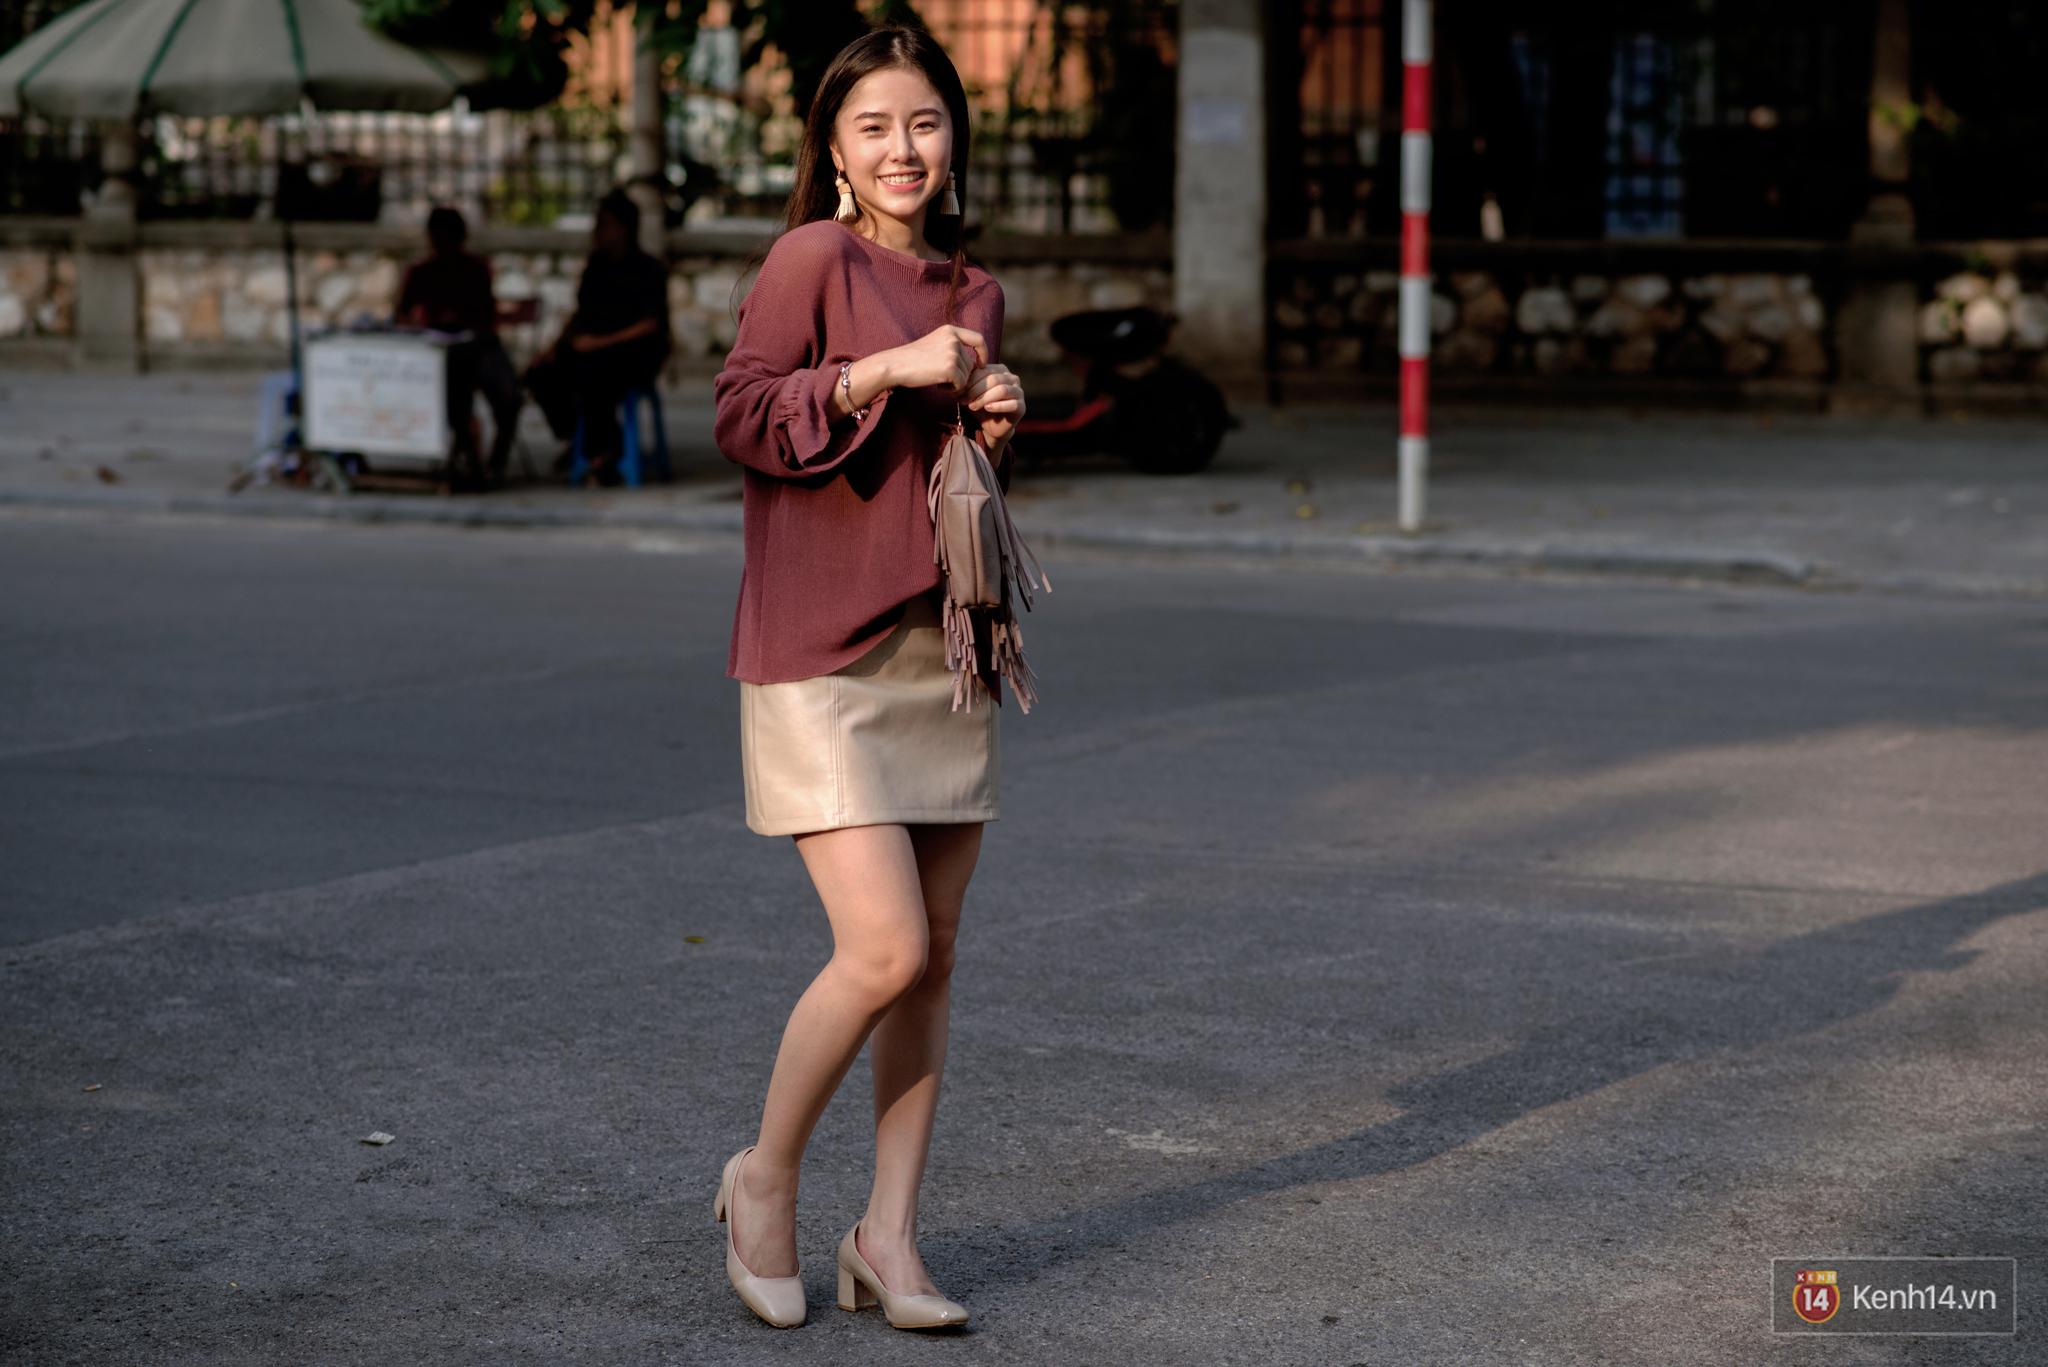 Street style 2 miền: Dù theo phong cách nữ tính hay cool ngầu, các bạn trẻ cũng mix đồ cực hay và diện toàn item trendy nhất - Ảnh 13.